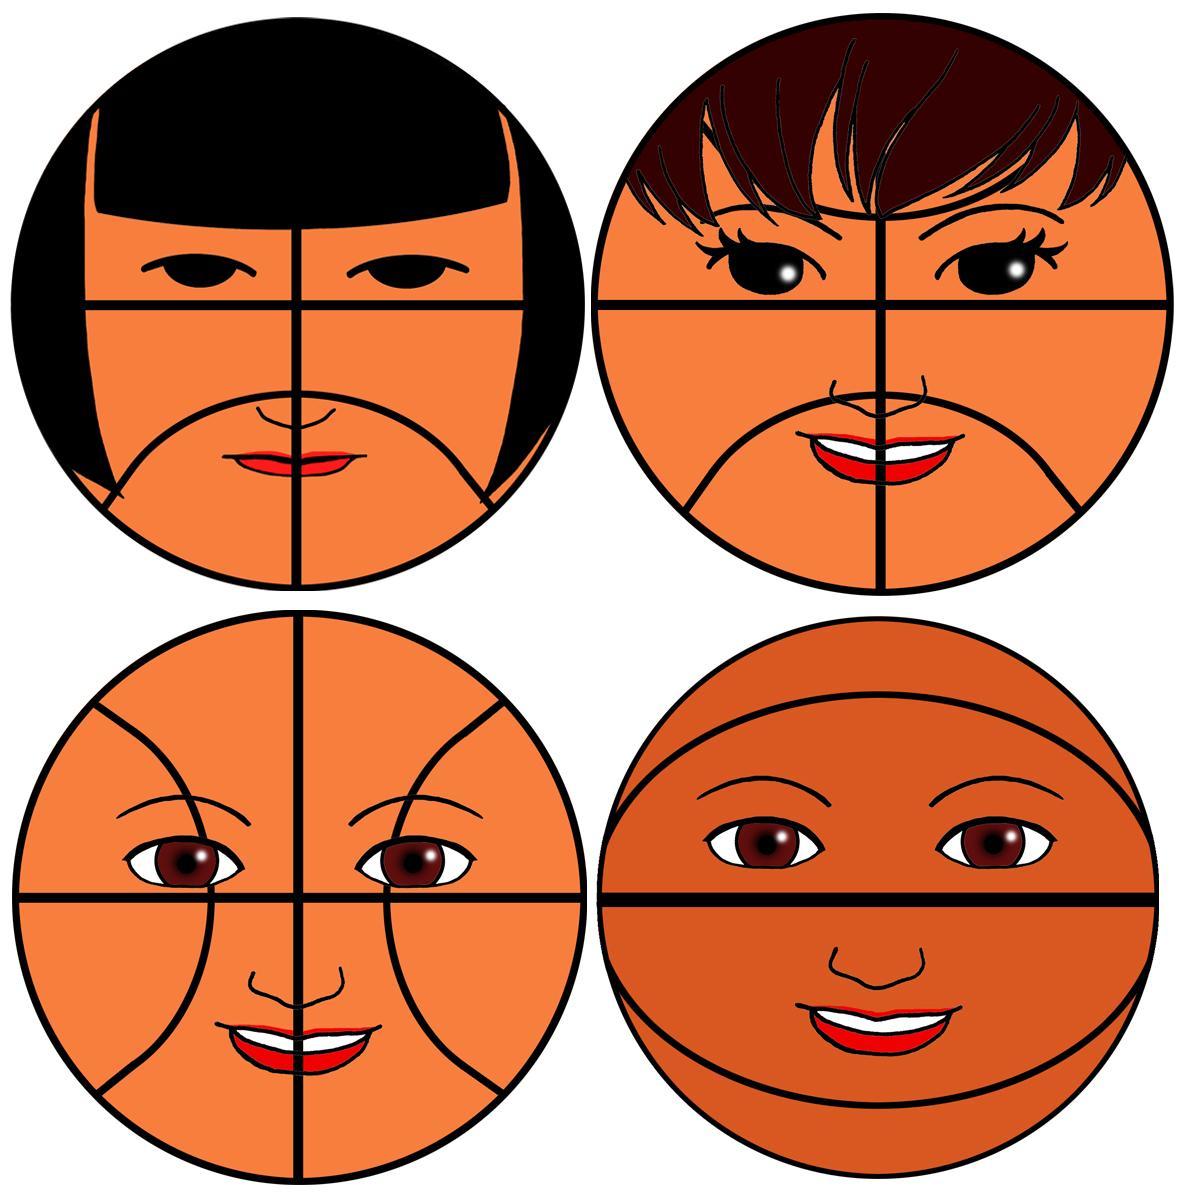 ボールのようなアイコンを作ります バスケ好きを表現するアイコンを求めている方へ